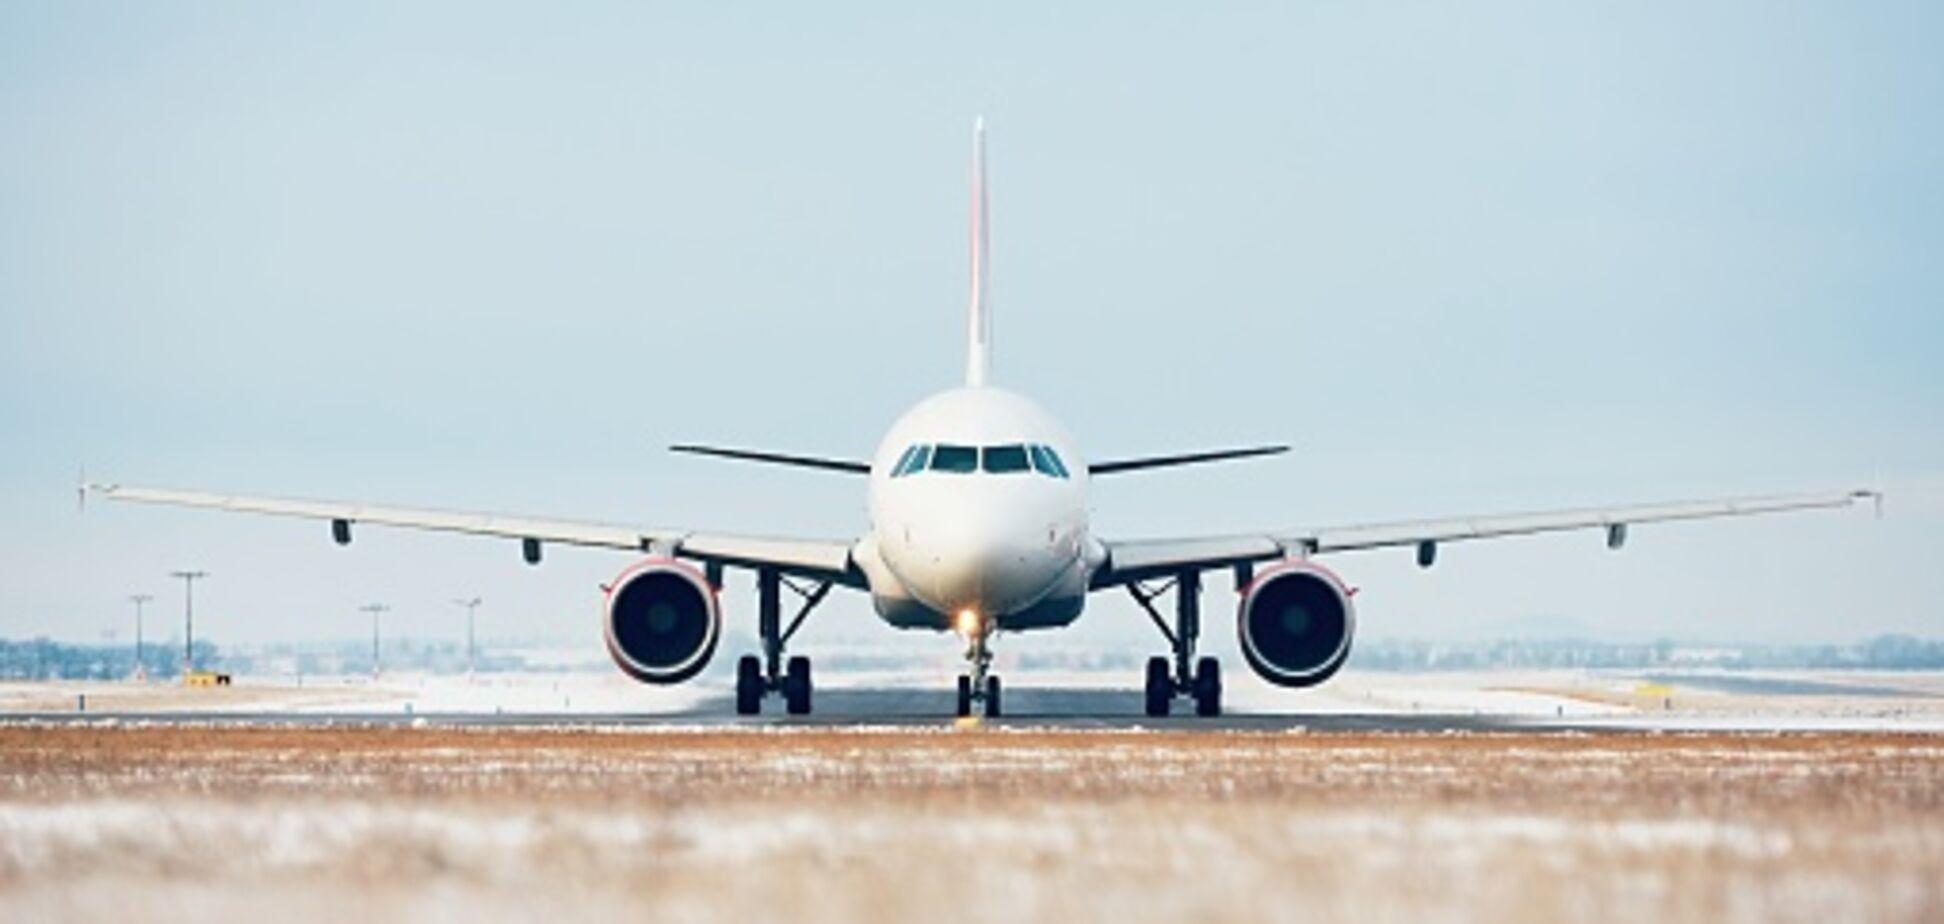 Від 15 євро: за скільки літатимуть українці в 2018 році